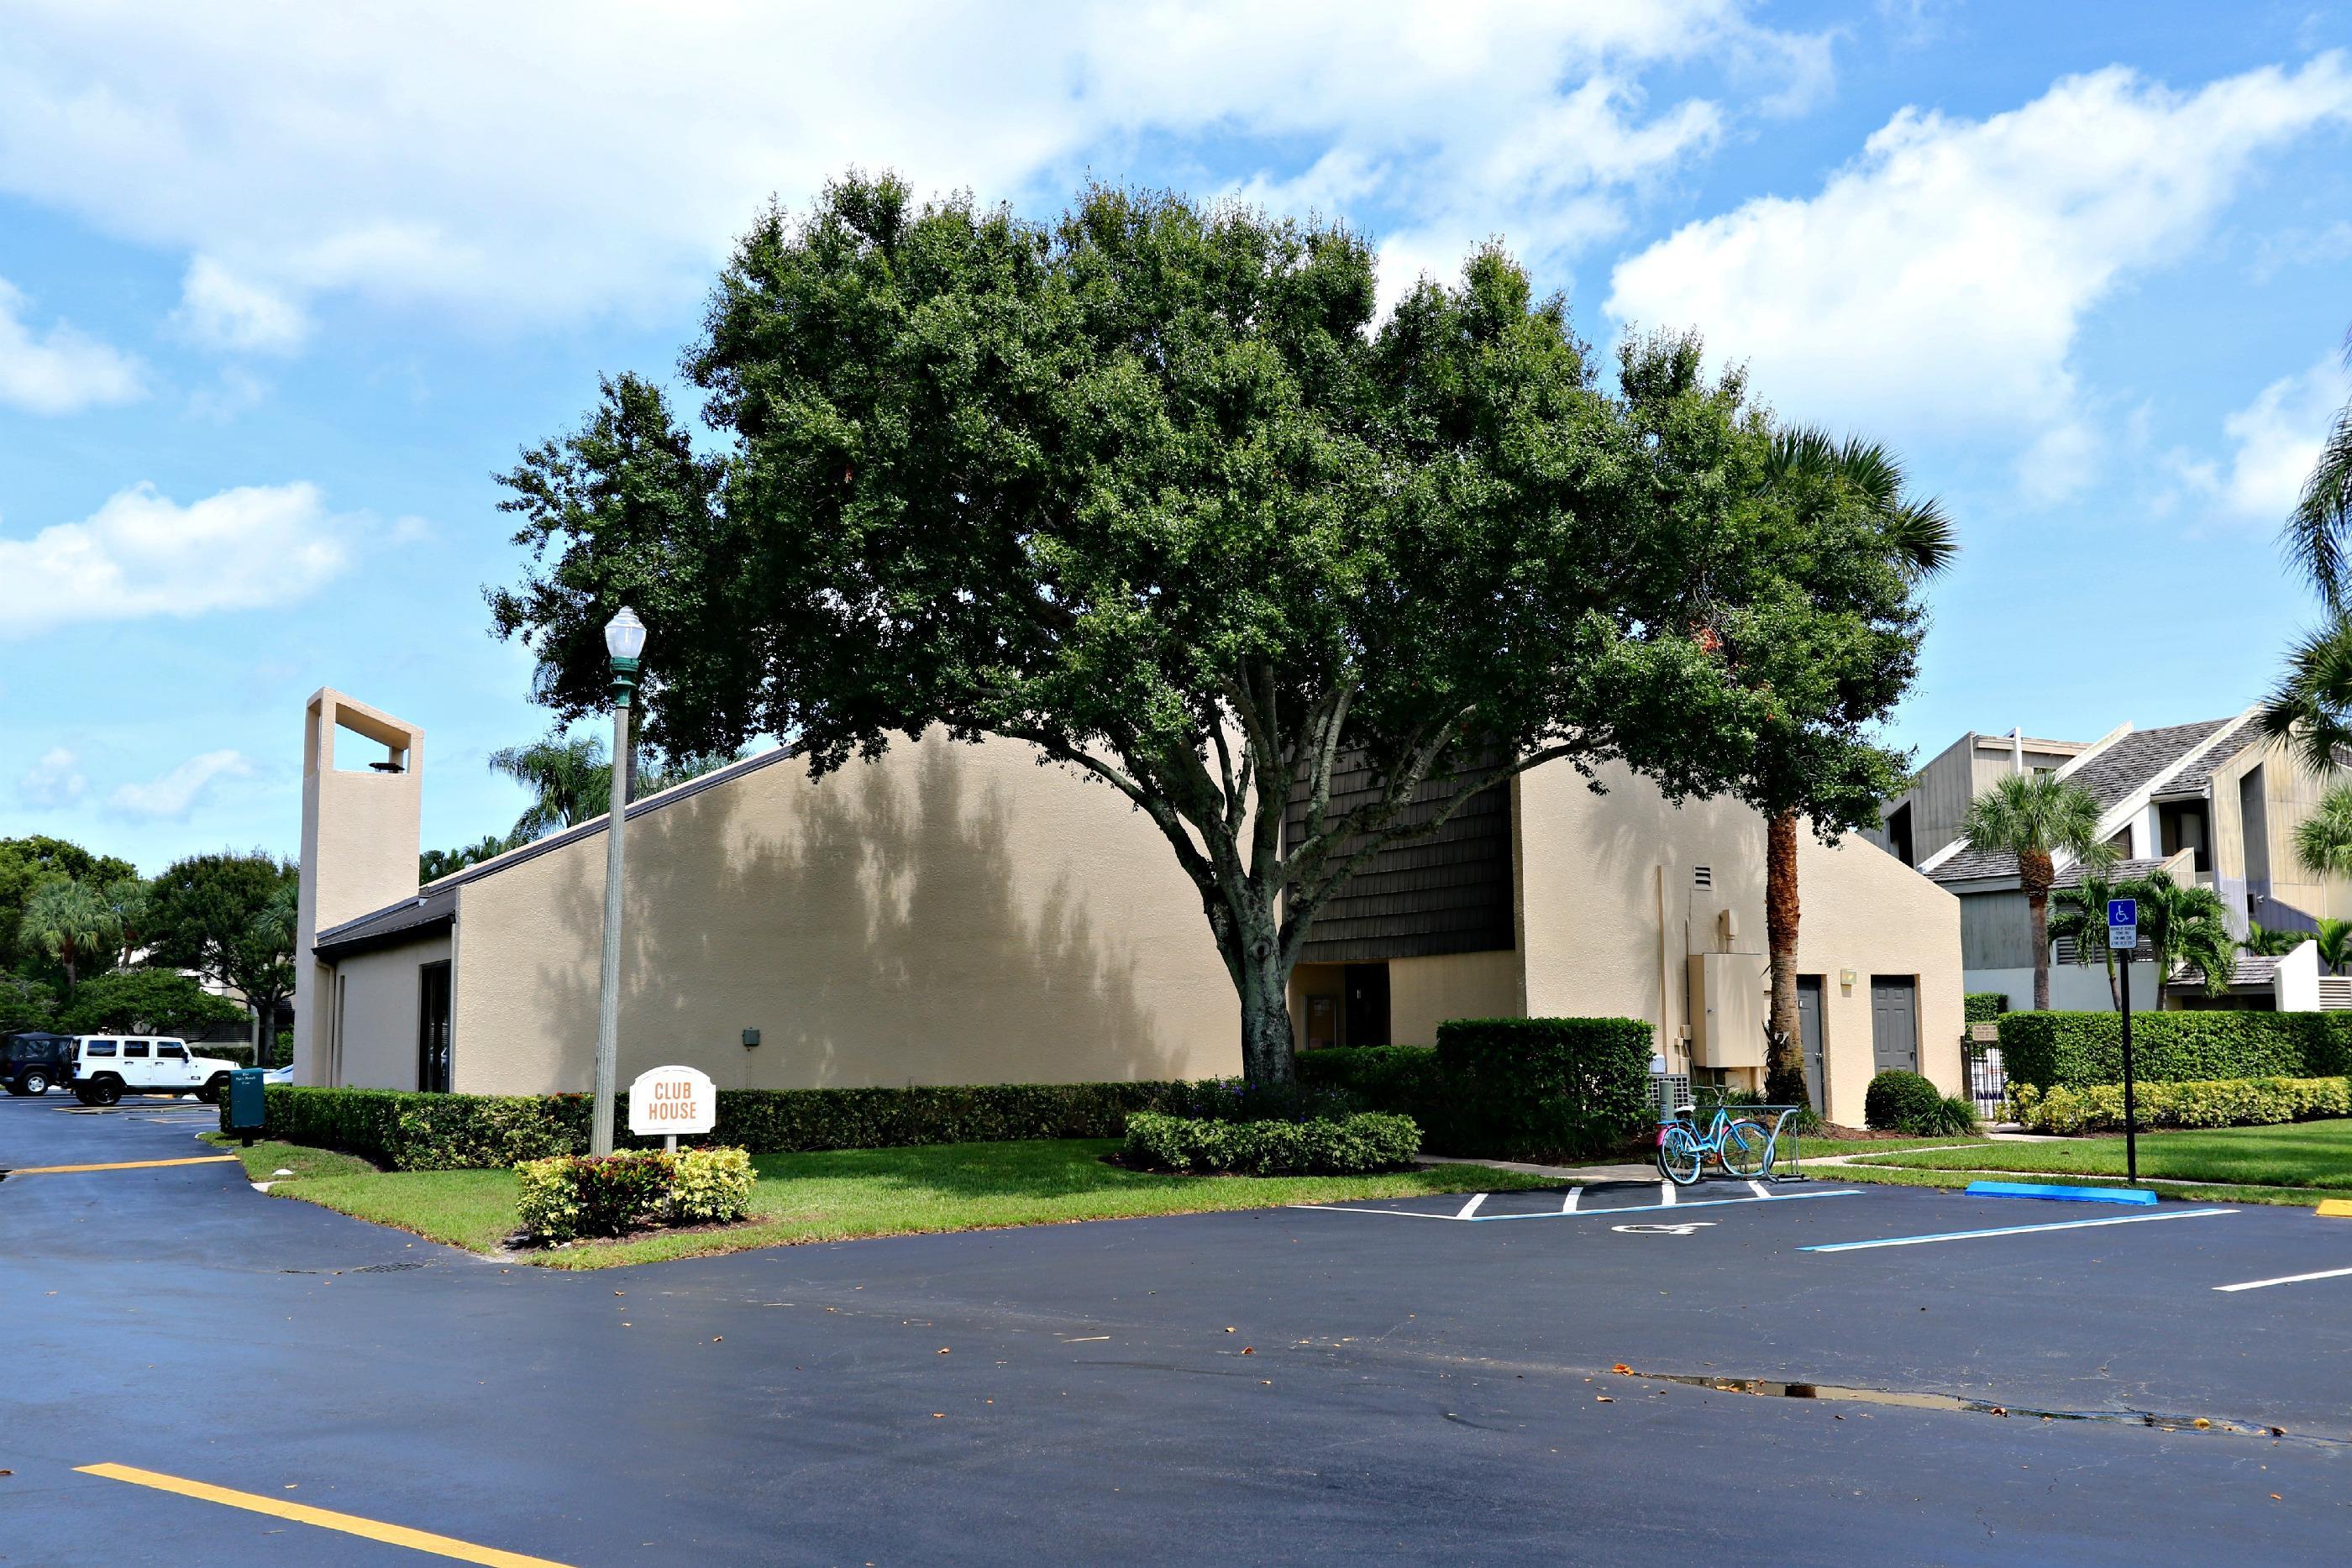 1605 Us Highway 1, Jupiter, Florida 33477, 2 Bedrooms Bedrooms, ,2 BathroomsBathrooms,Condo/Coop,For Rent,Jupiter Ocean Racquet Club,Us Highway 1,2,RX-10464247